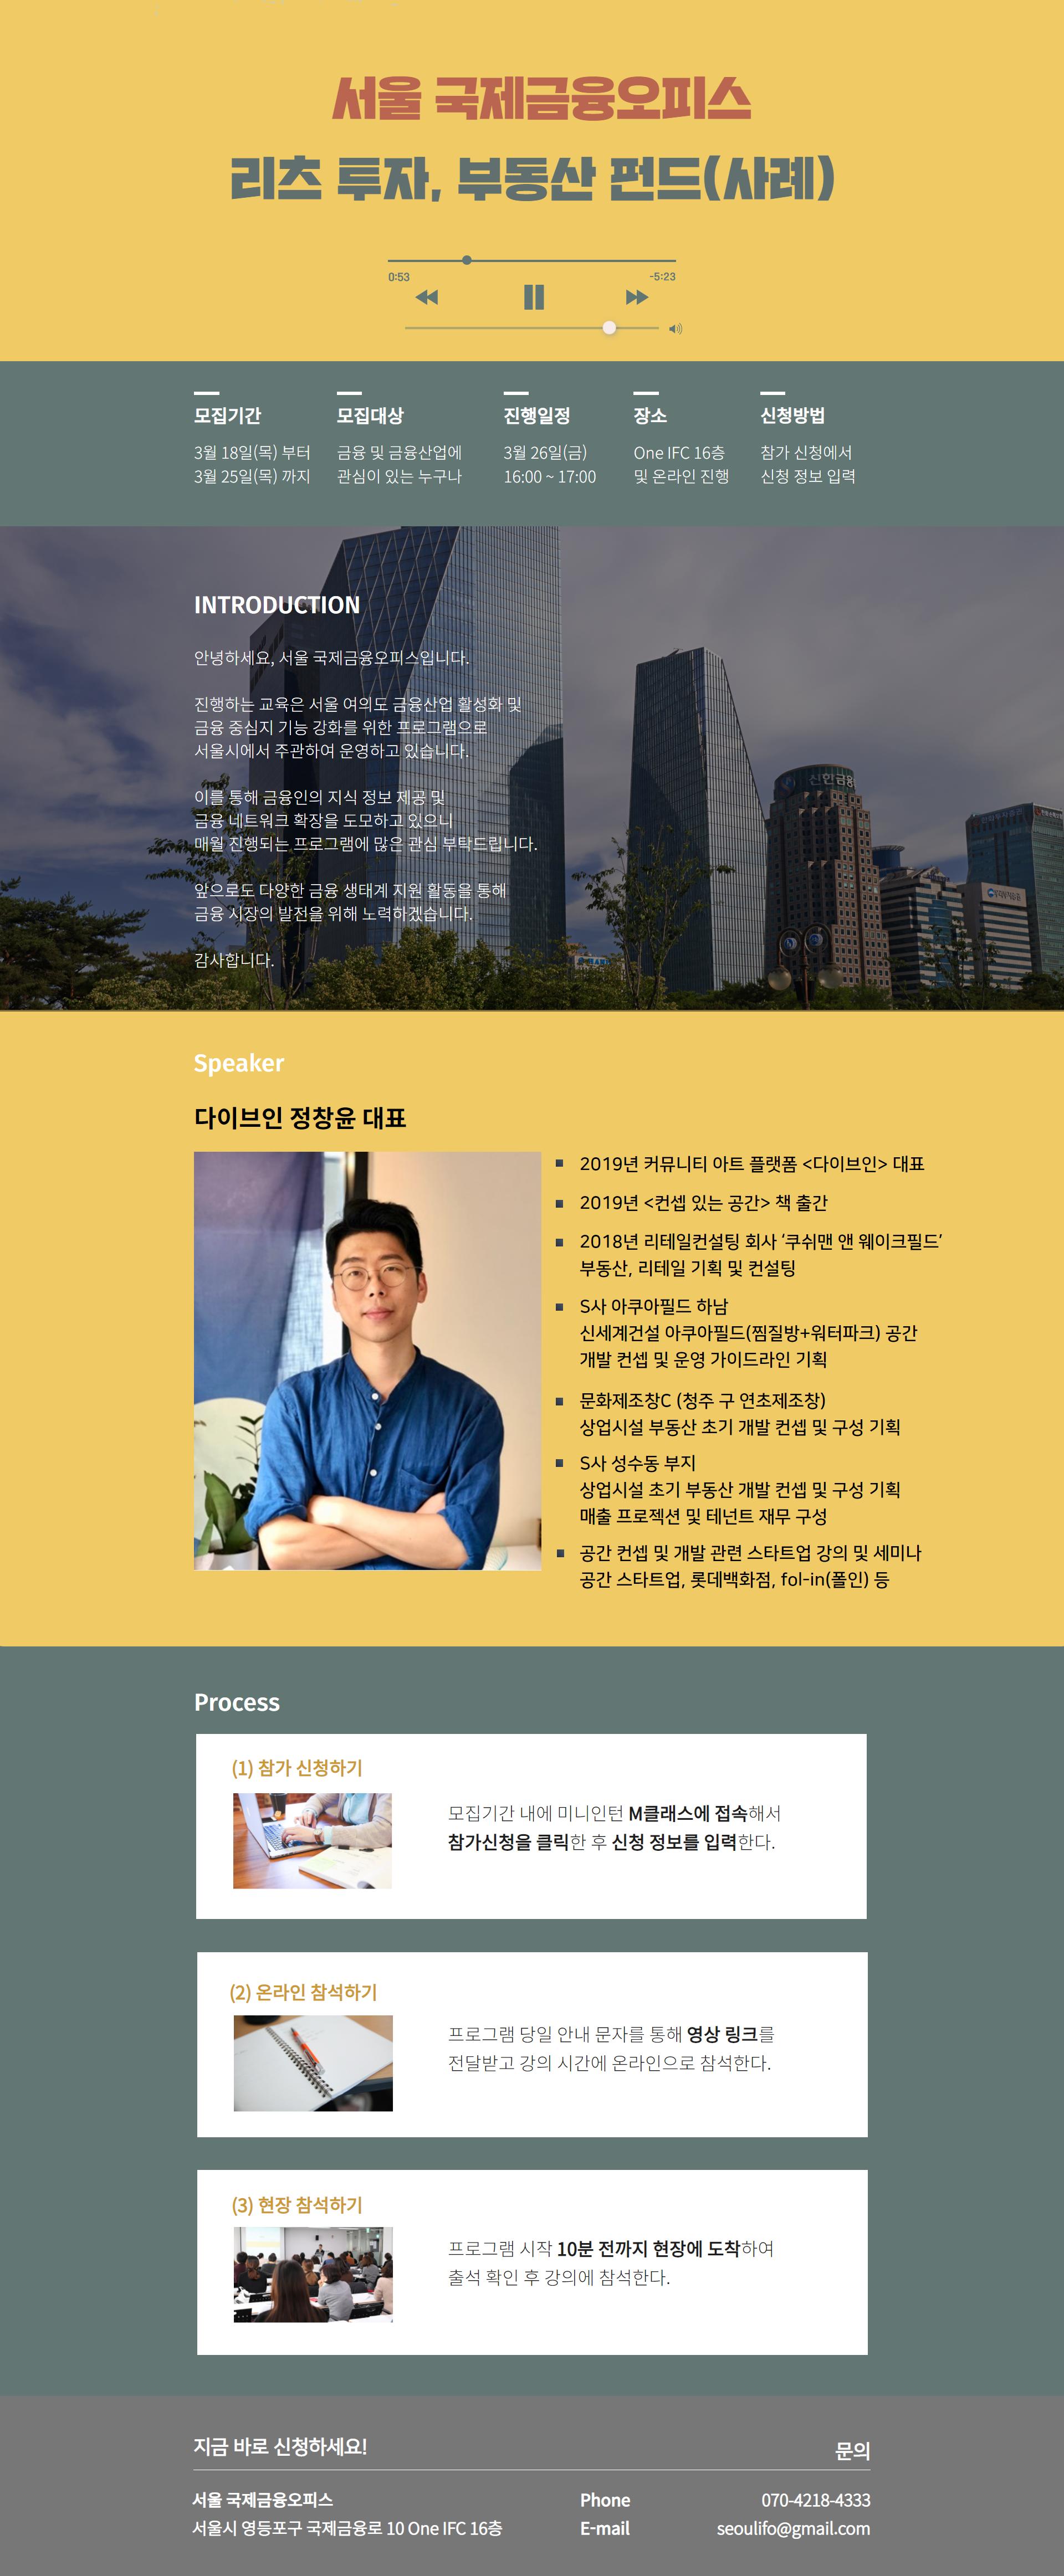 [서울국제금융오피스] 리츠 투자, 부동산 펀드(사례)